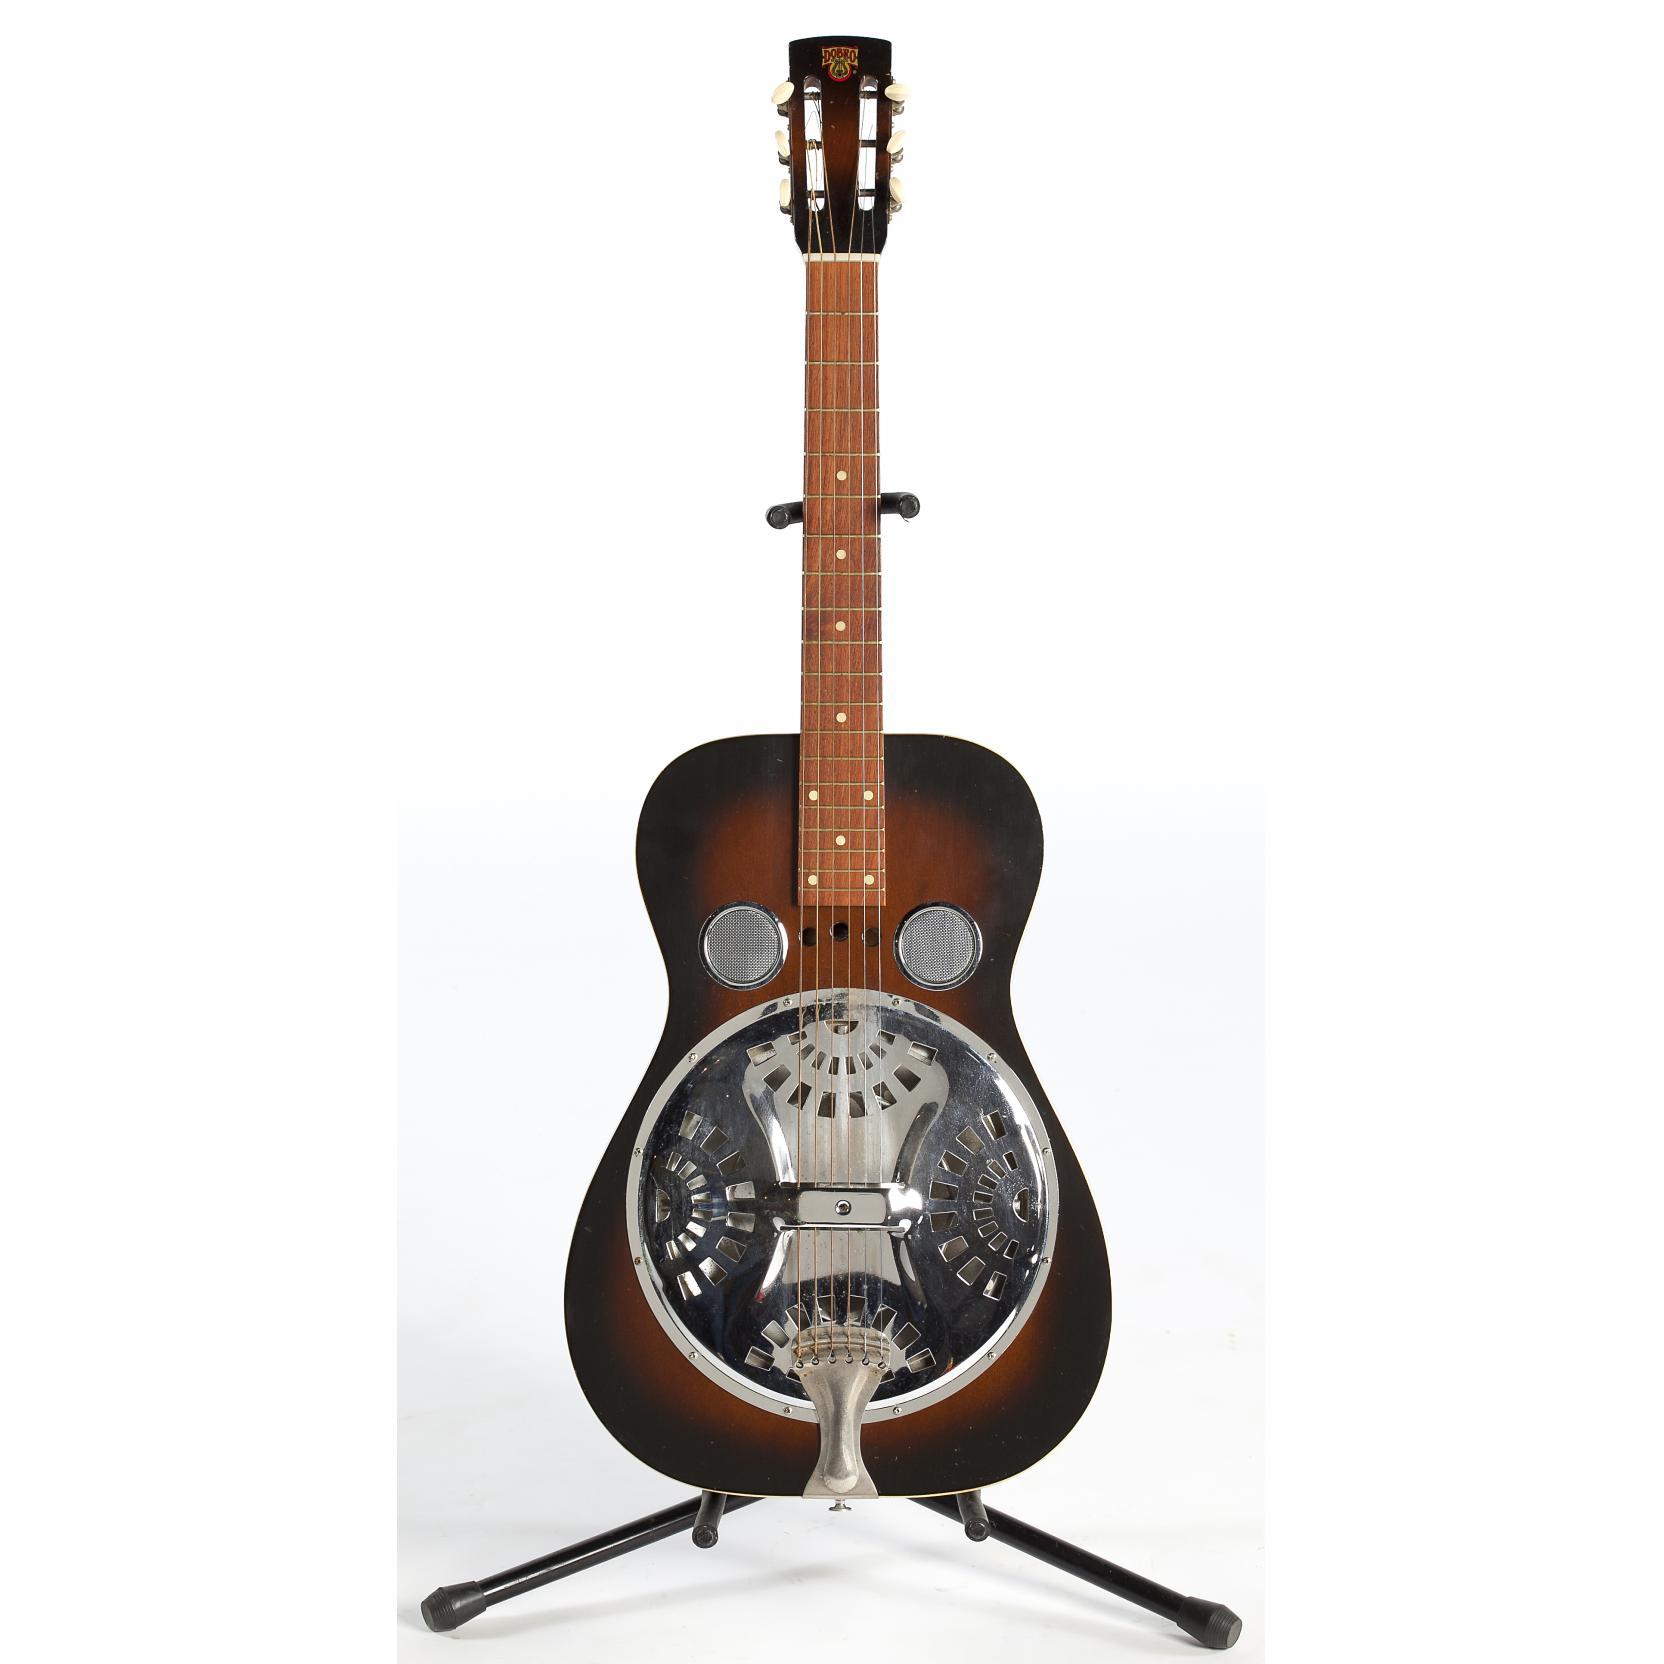 1970s-dobro-resonator-guitar